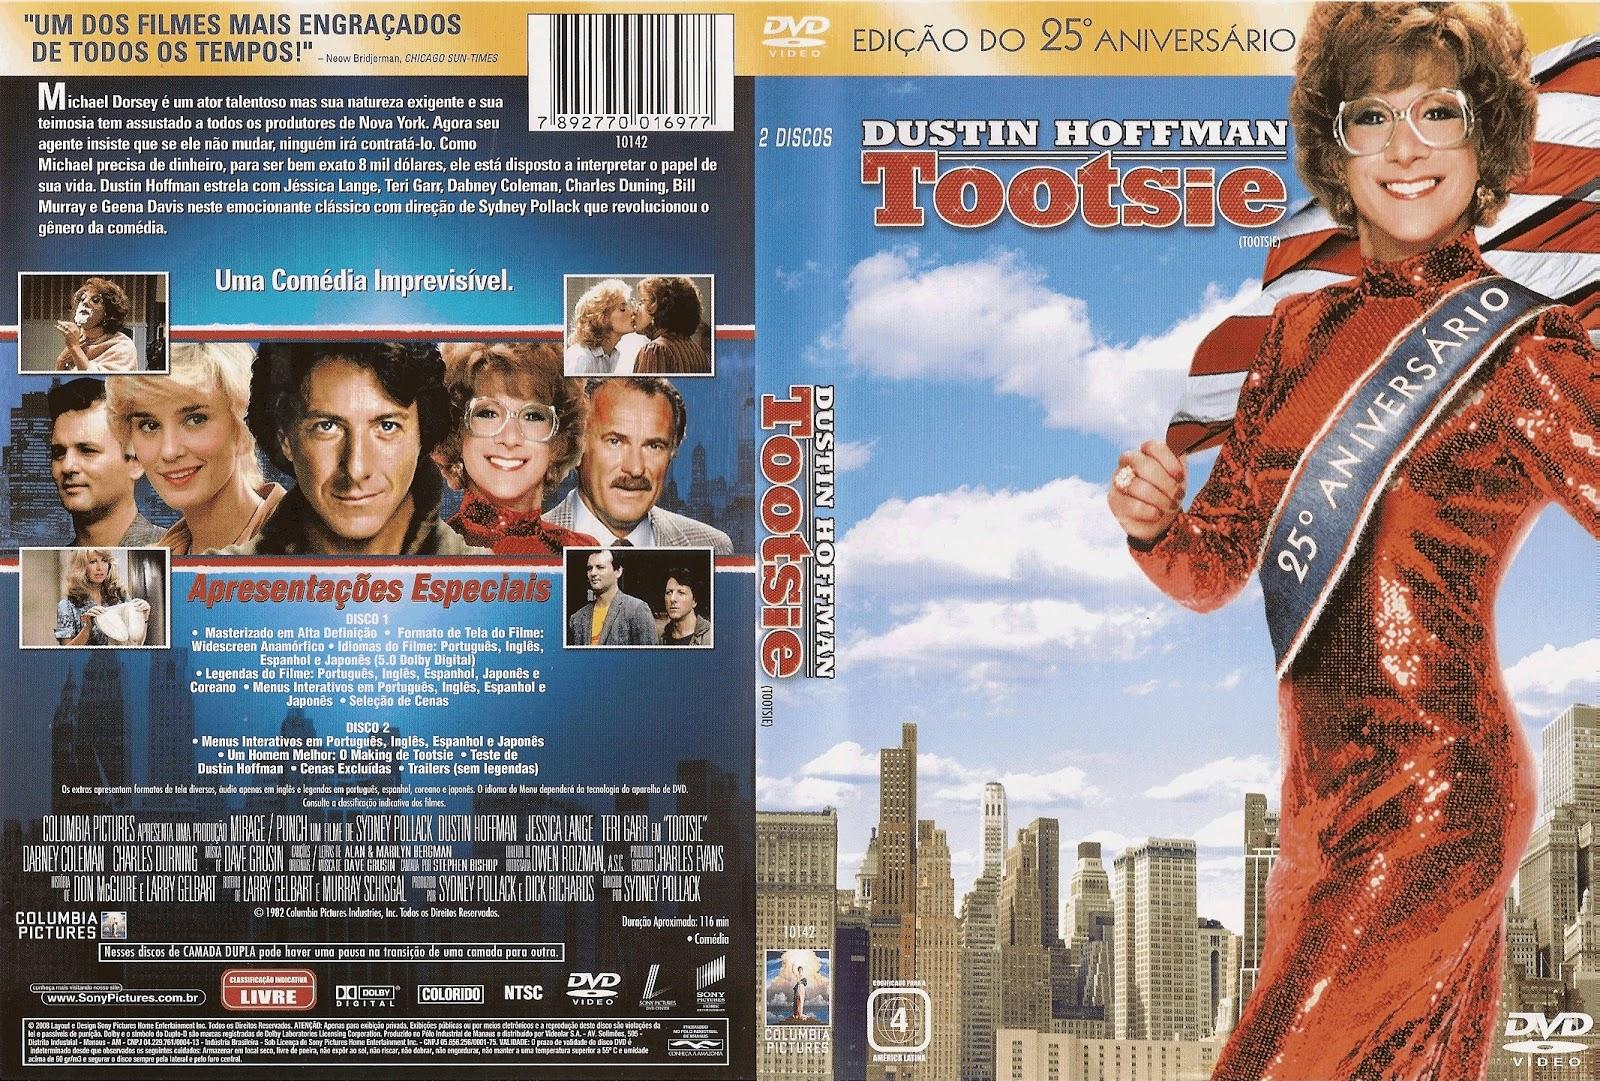 Capa DVD Tootsie Edição do 25º Aniversário